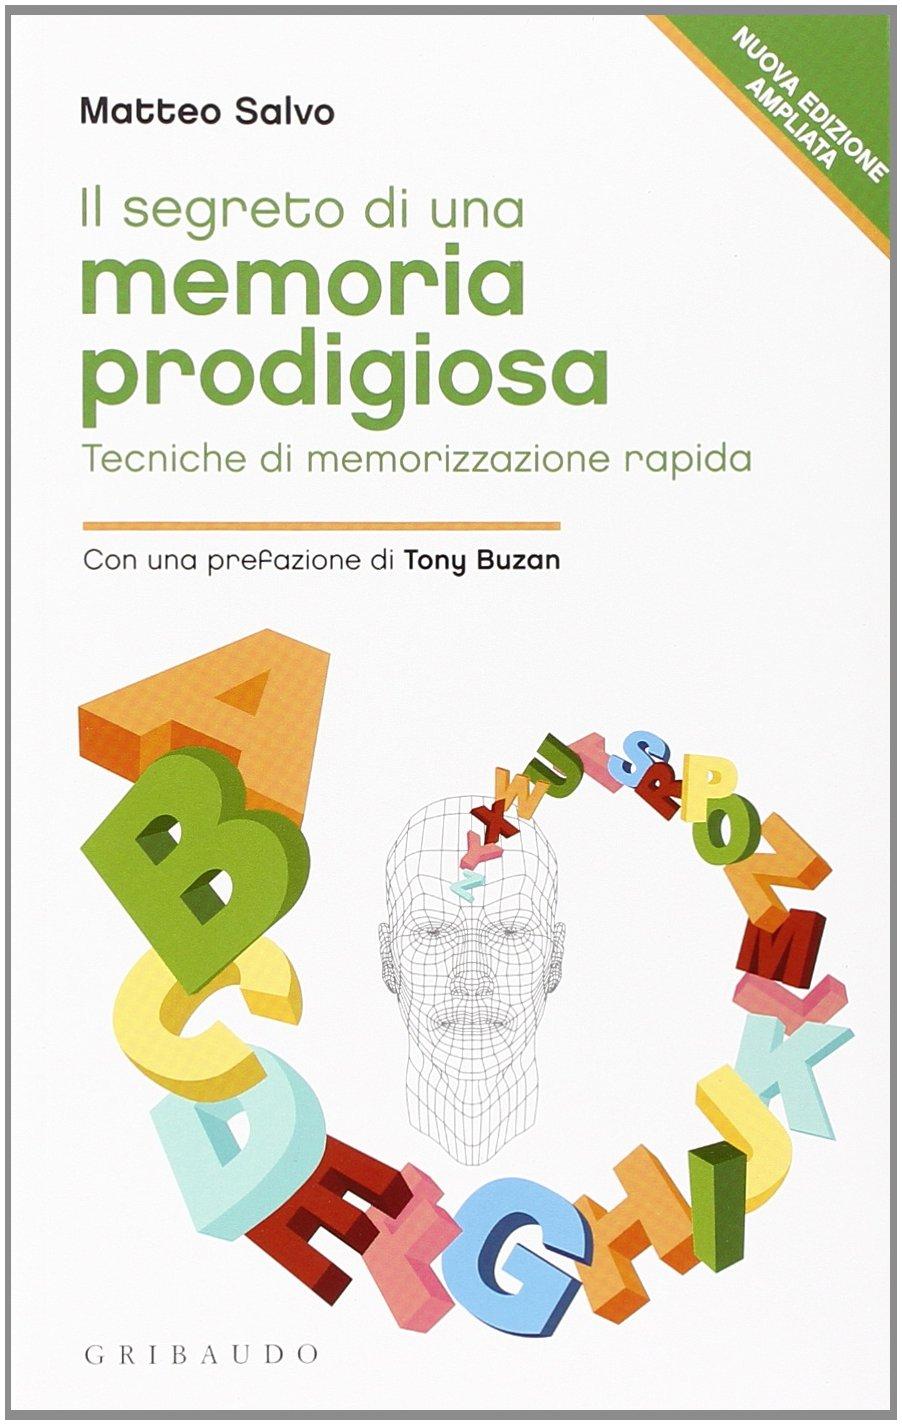 Il segreto di una memoria prodigiosa. Tecniche di memorizzazione rapida Copertina flessibile – 11 mag 2011 Matteo Salvo Gribaudo 8858004213 Manuali